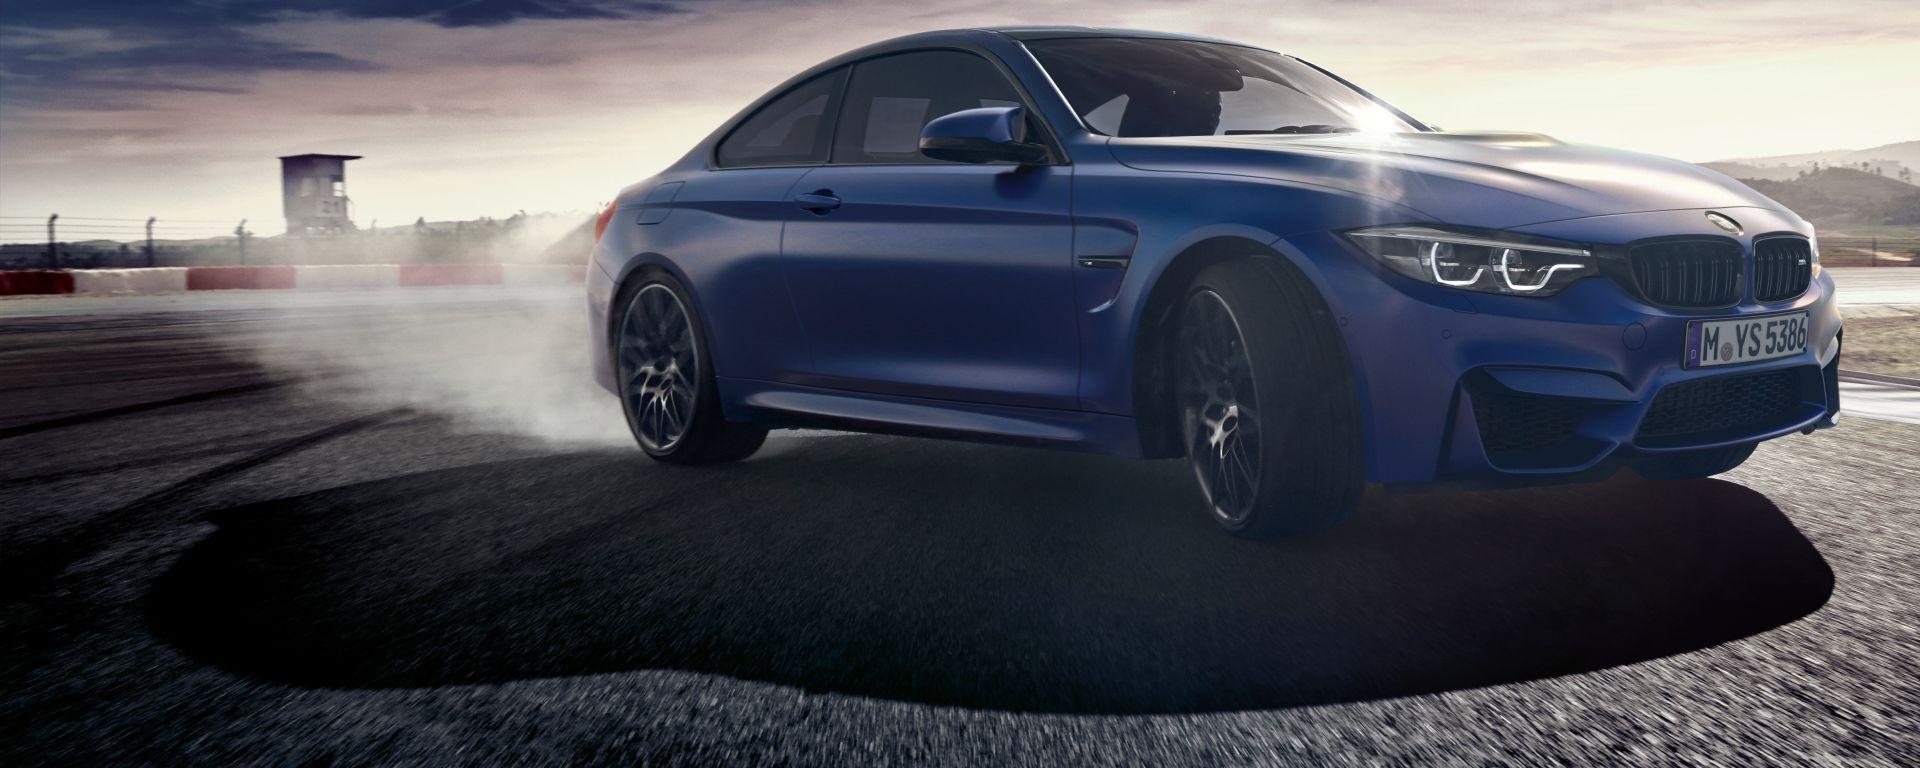 BMW M4 Competition, 6 cilindri biturbo da 450 cv